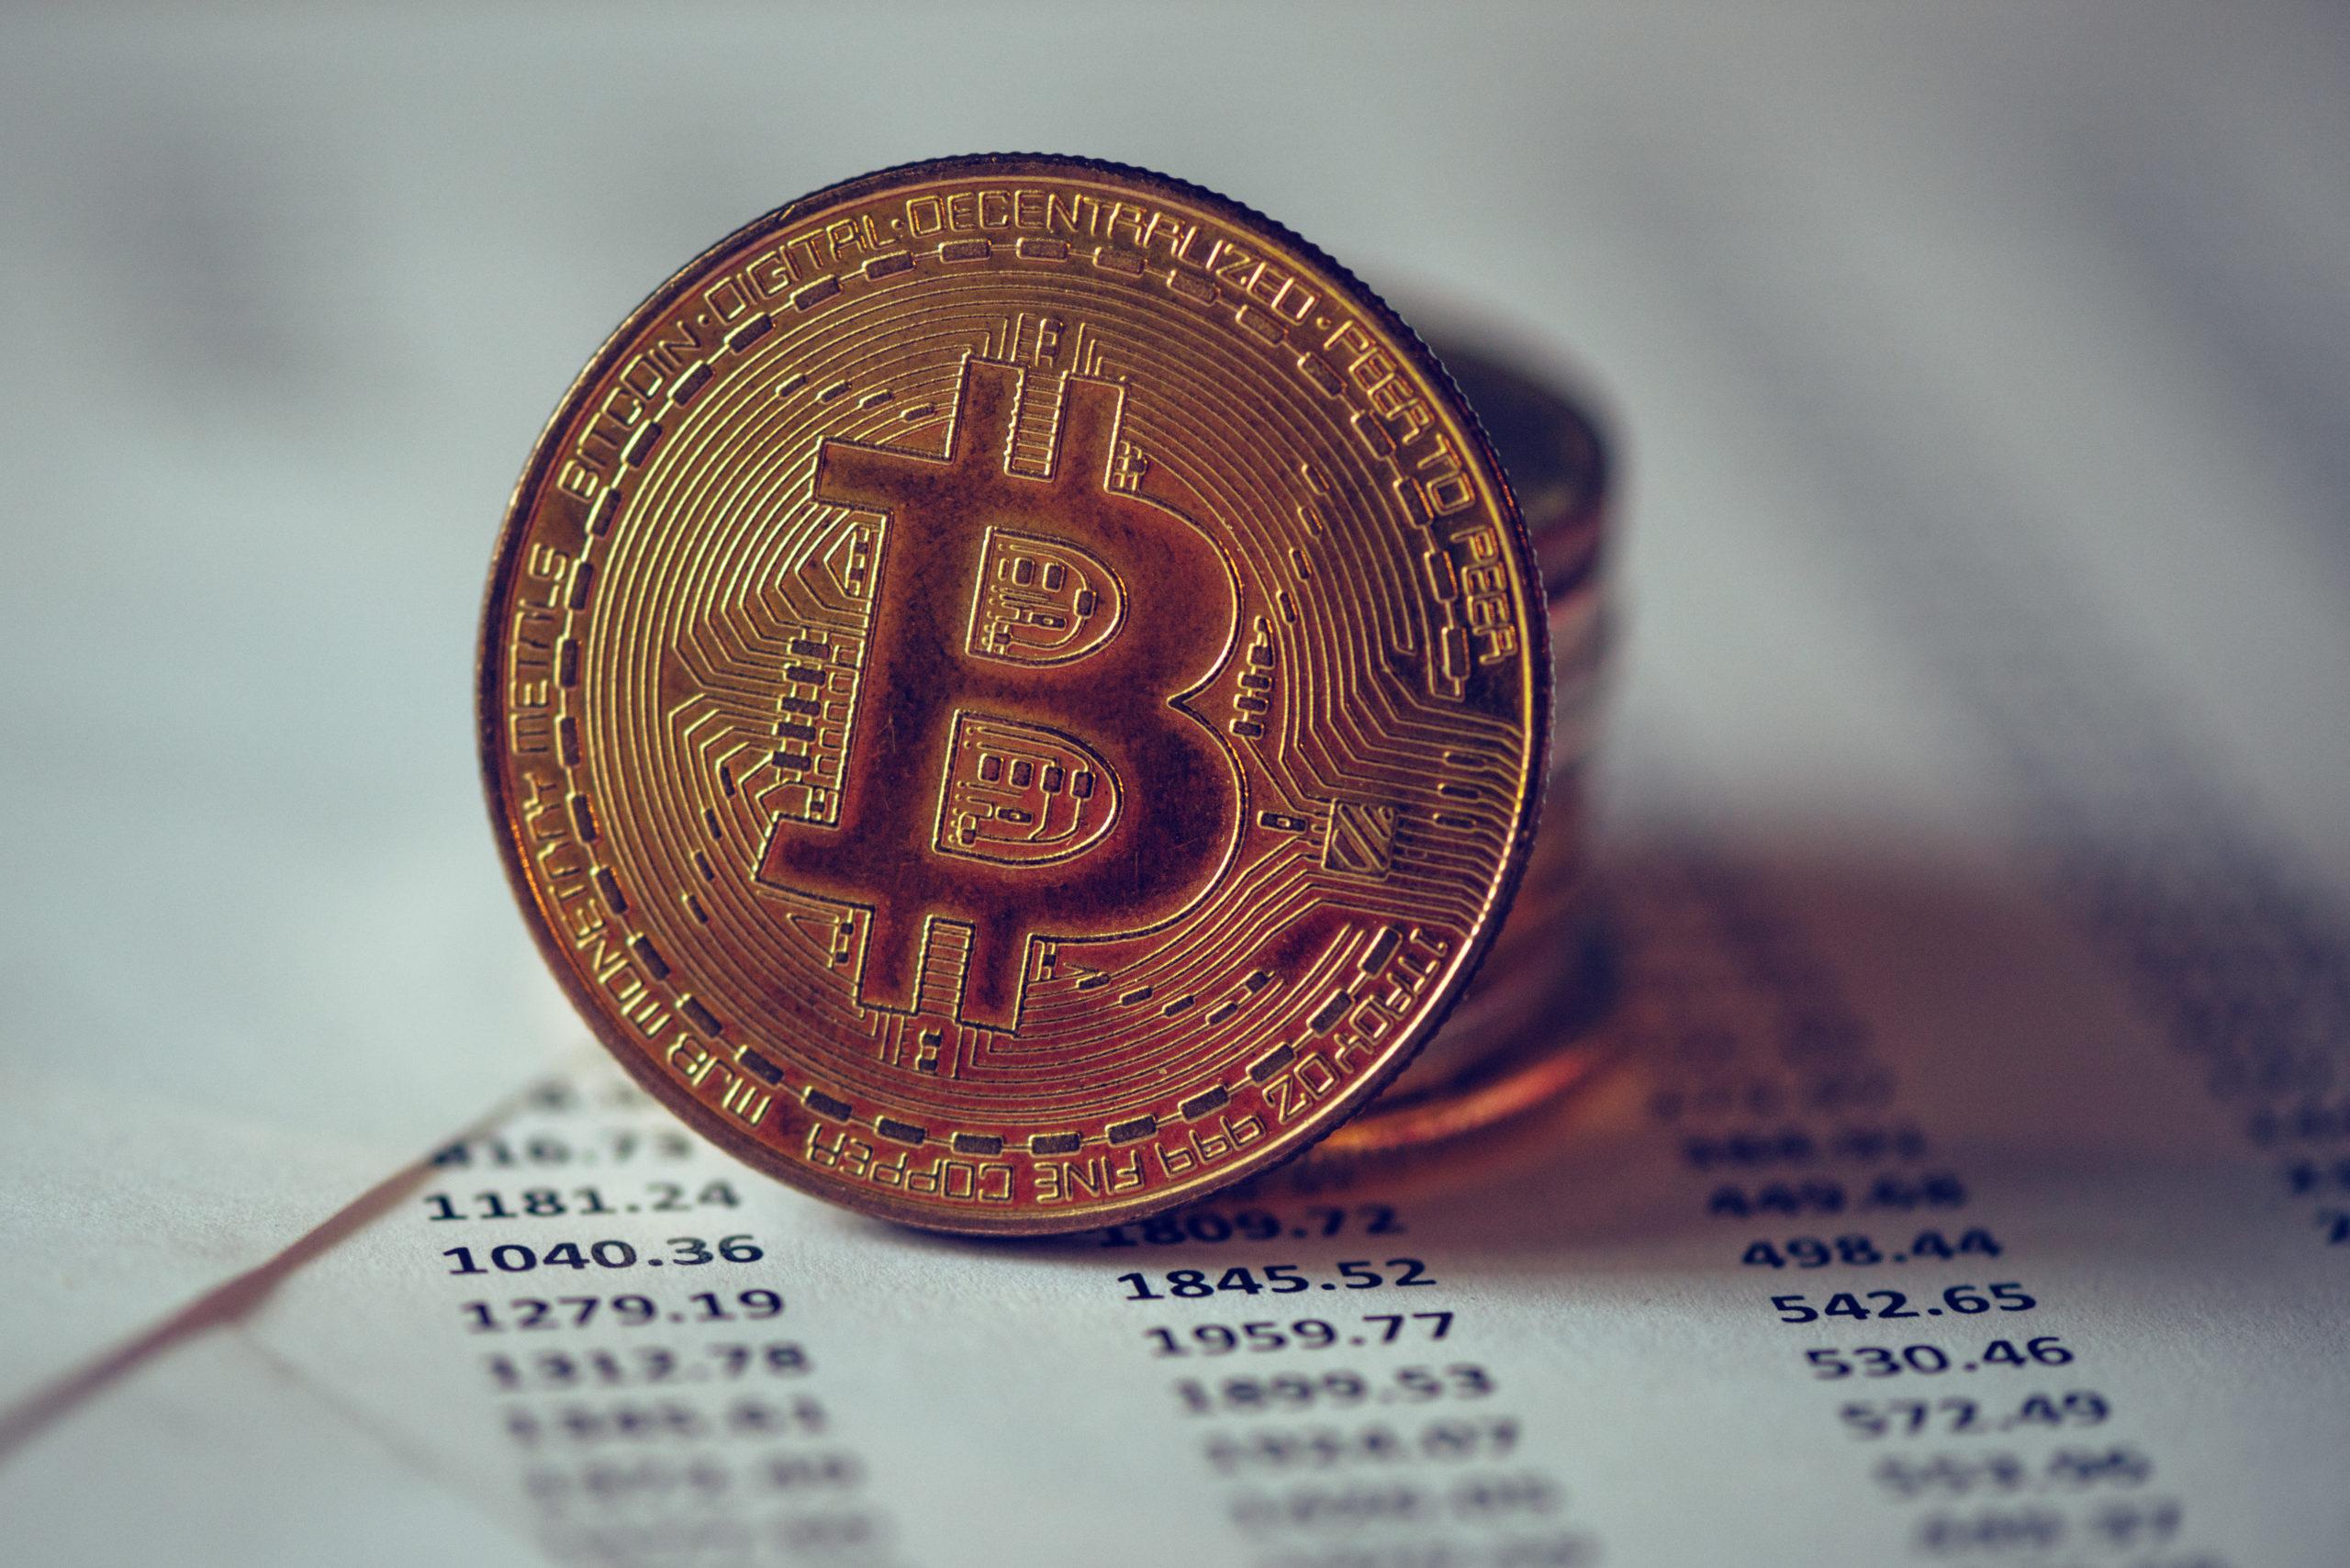 Giới đầu tư tổ chức mất hứng thú với Bitcoin